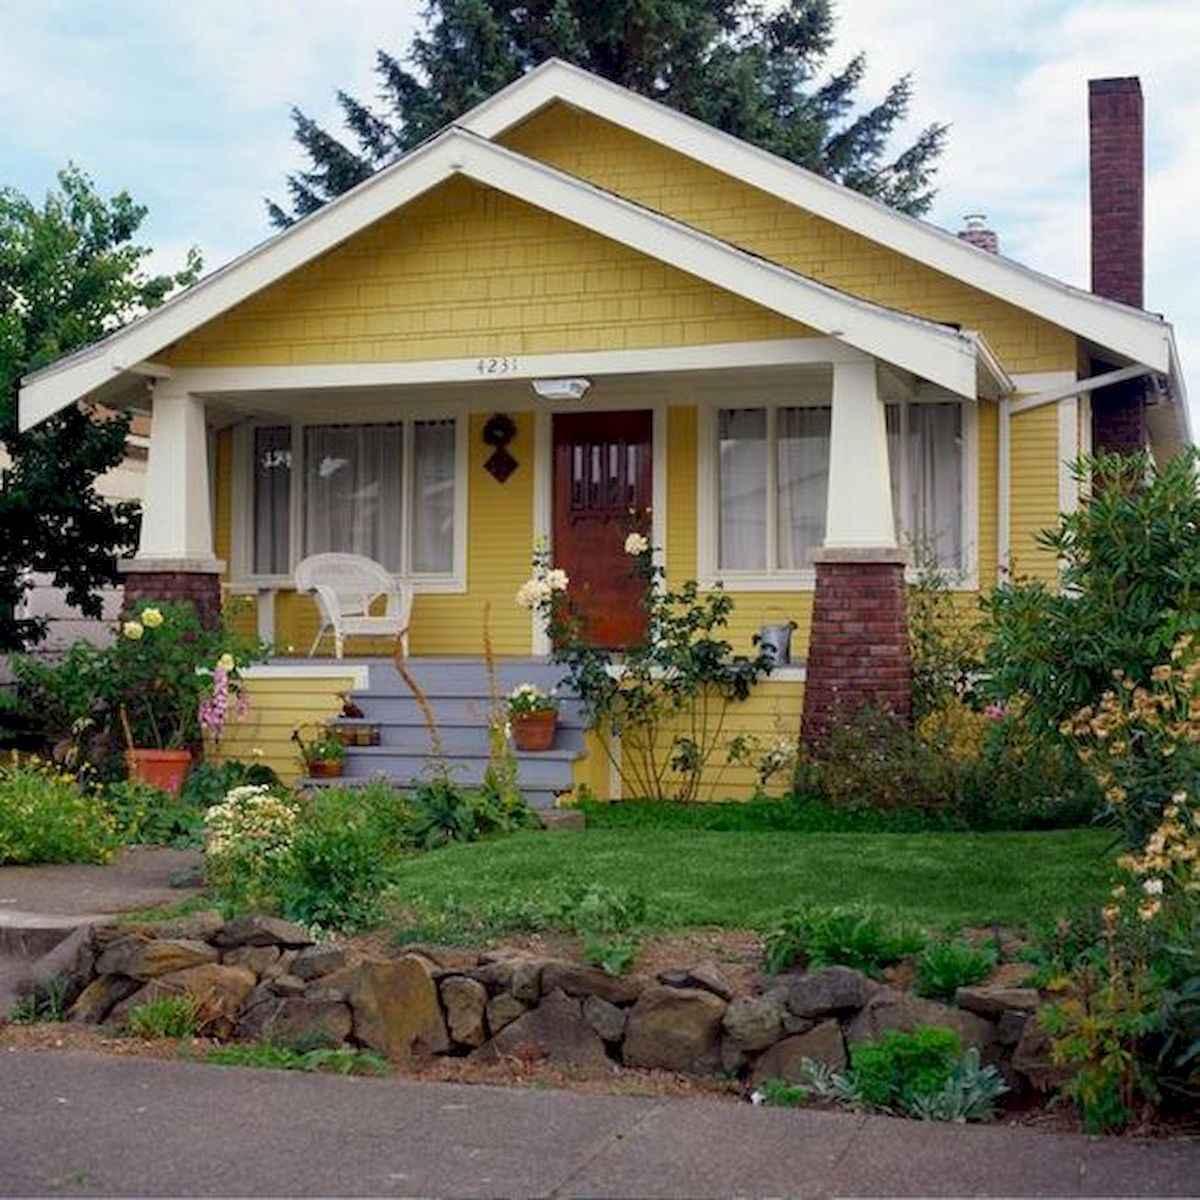 40 Best Bungalow Homes Design Ideas (19)